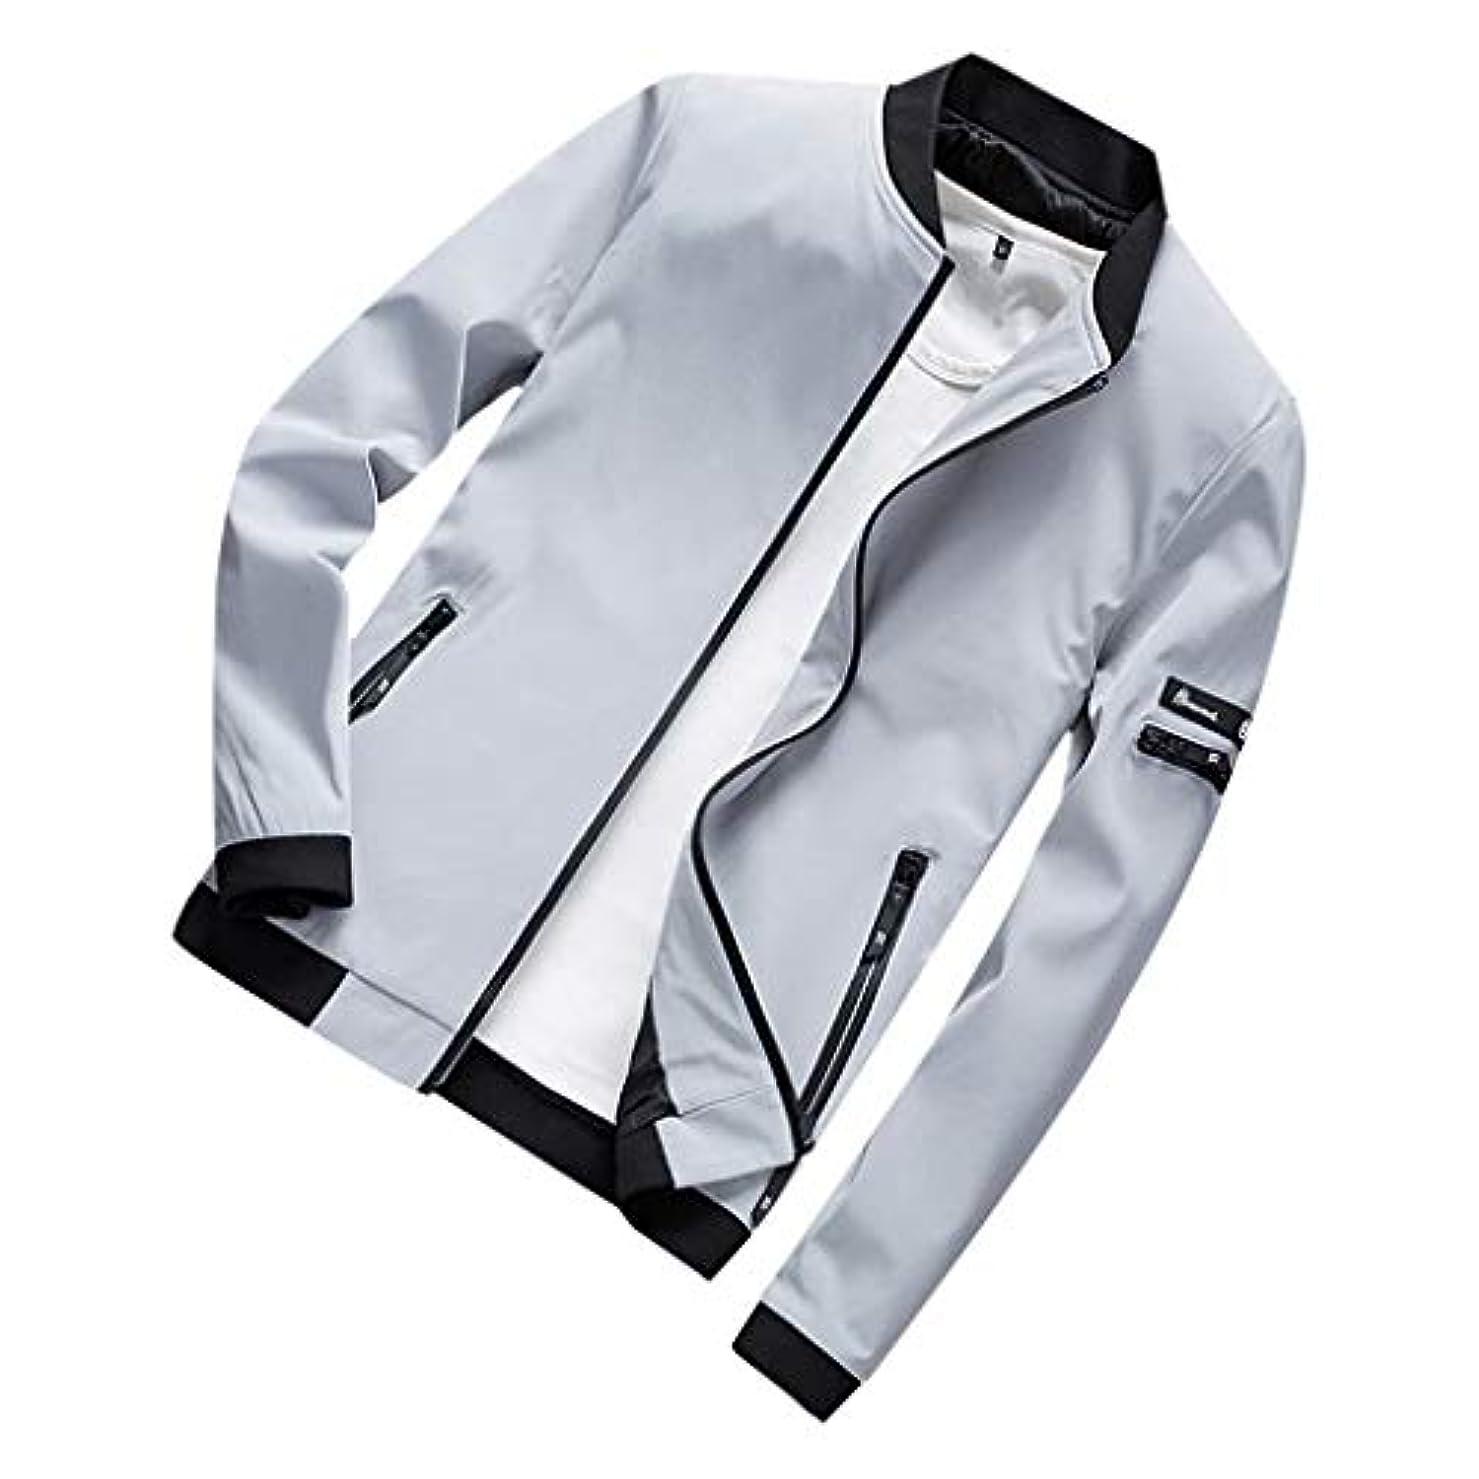 期間紀元前勧告ジャケット メンズ コート ブルゾン 秋 冬 防水 無地 カジュアル 綿 大きいサイズ アウター 黒 ストレッチ ビジネスシャツ 細身 ジャケット